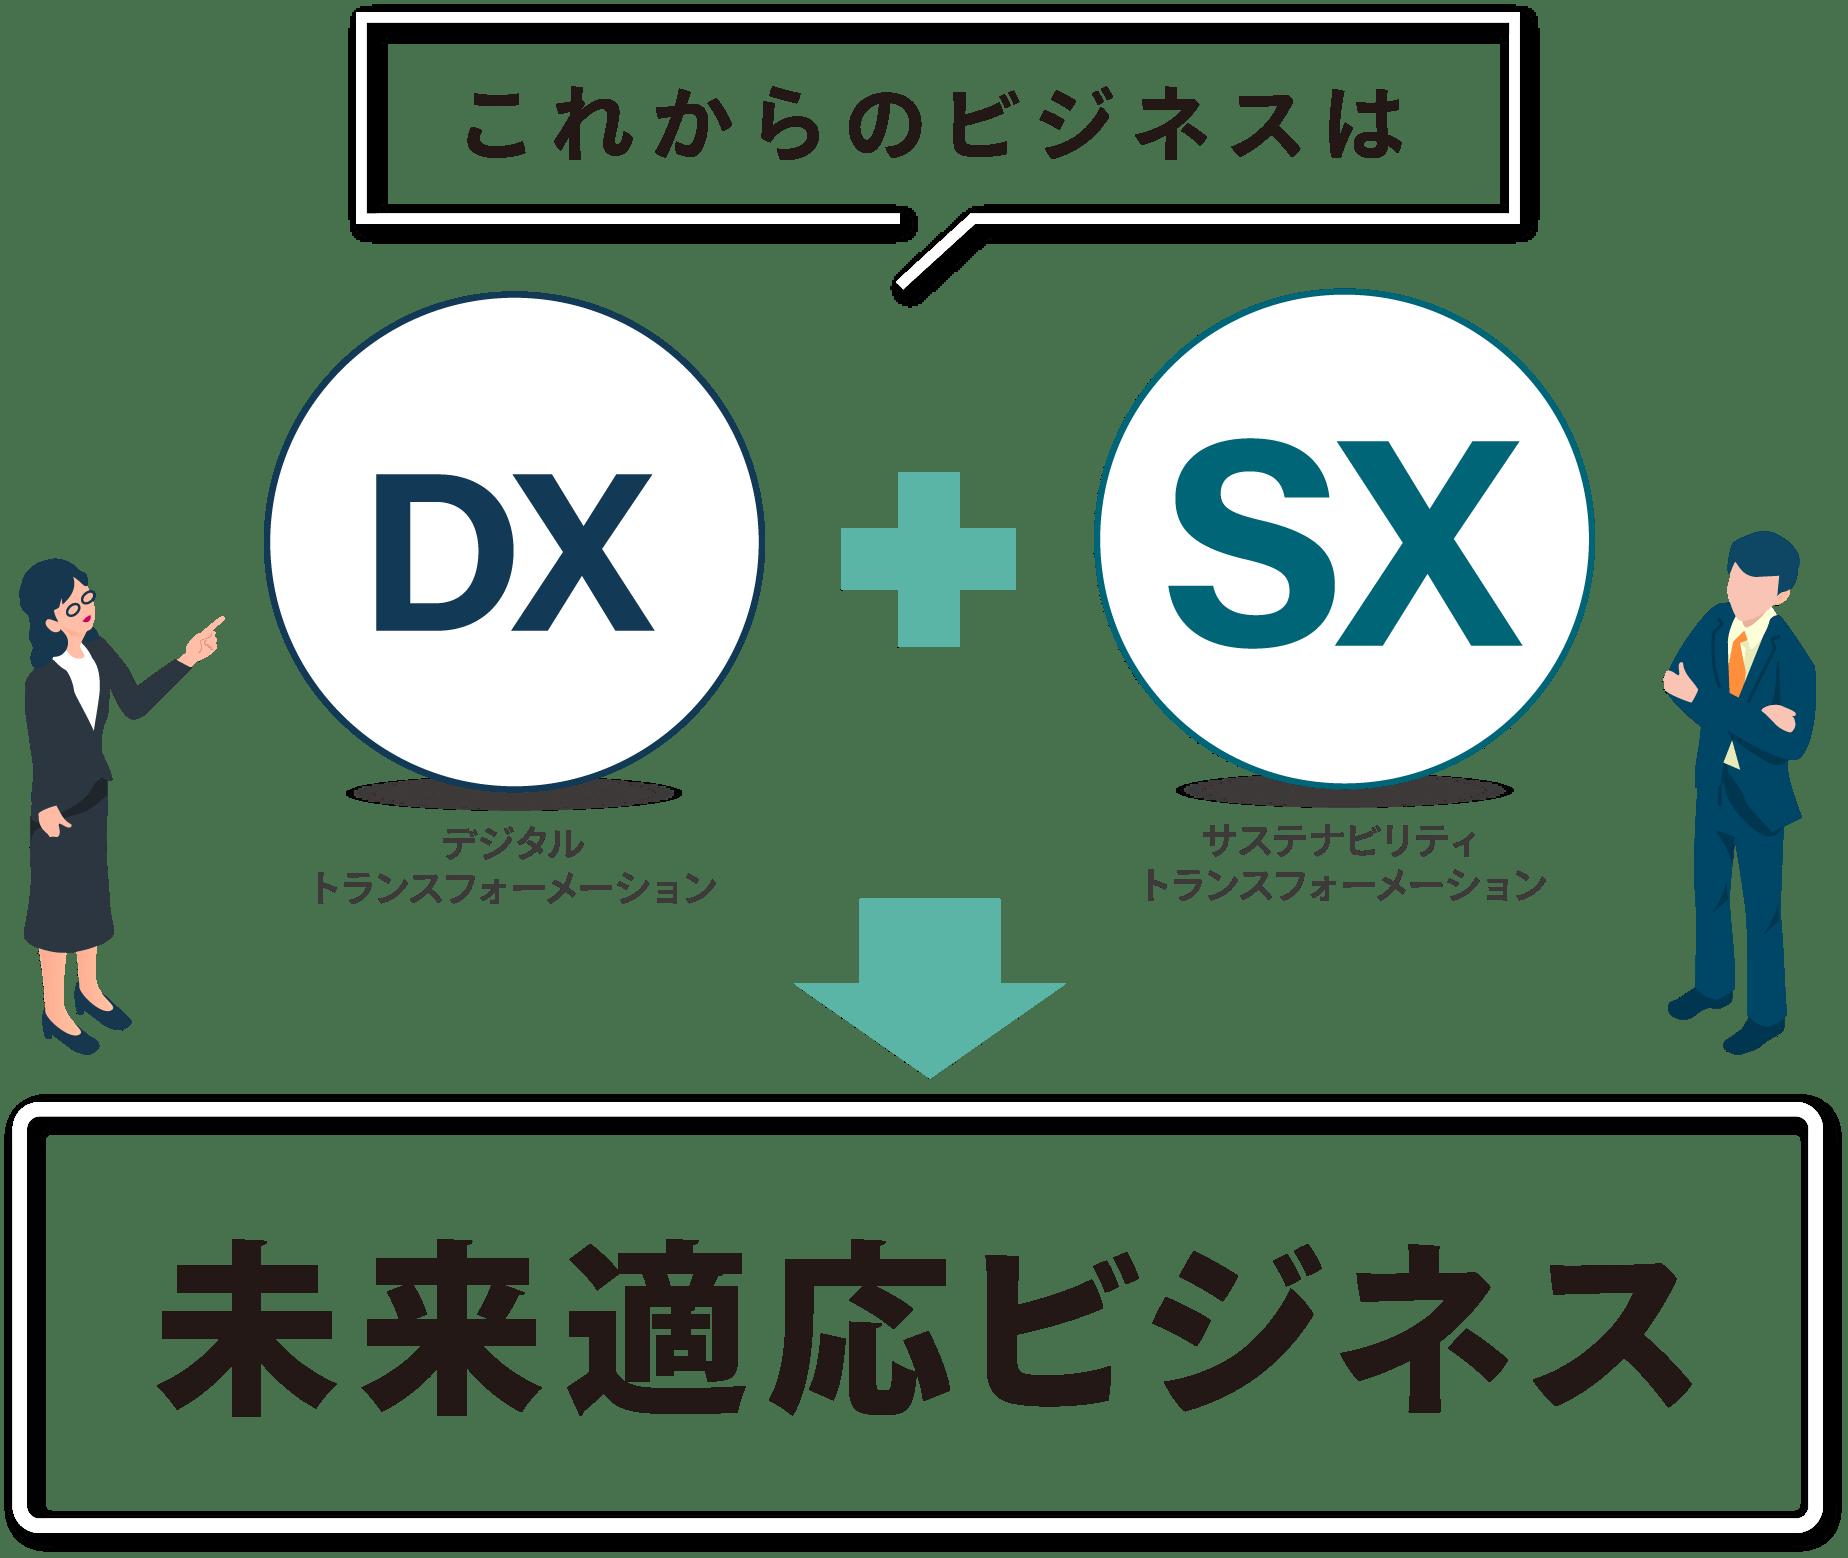 これからのビジネスはDX+SX→未来適応ビジネス